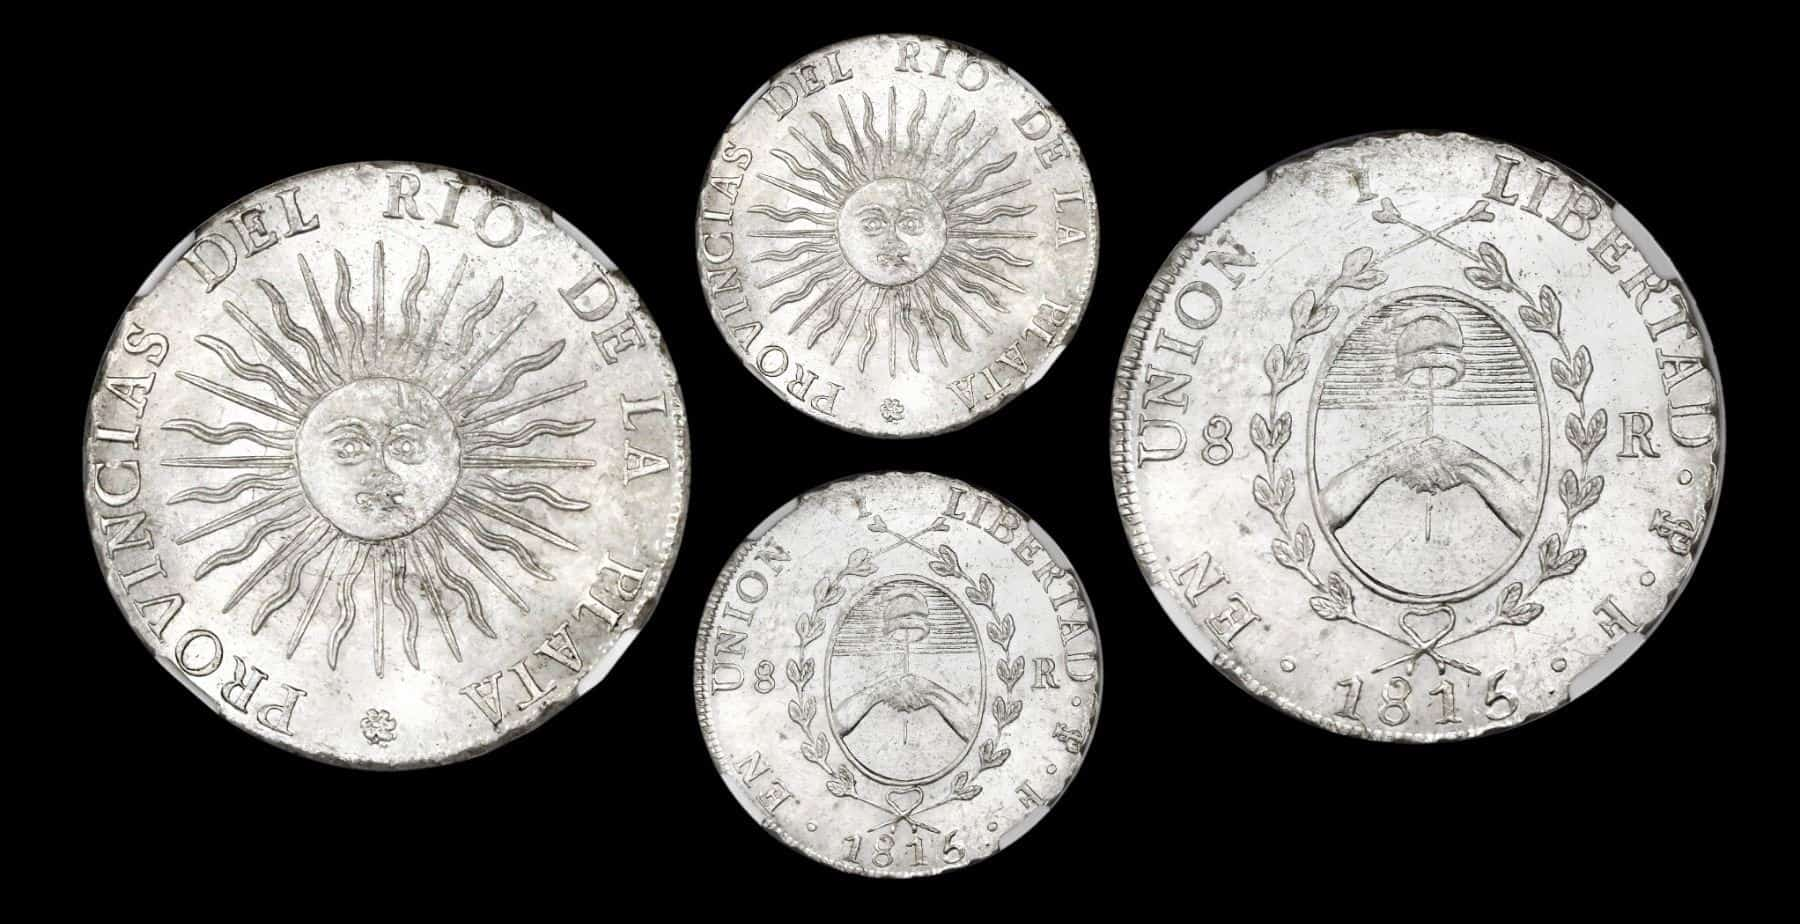 8 reales 1815, Potosí, Provincias Unidas del Río de la Plata